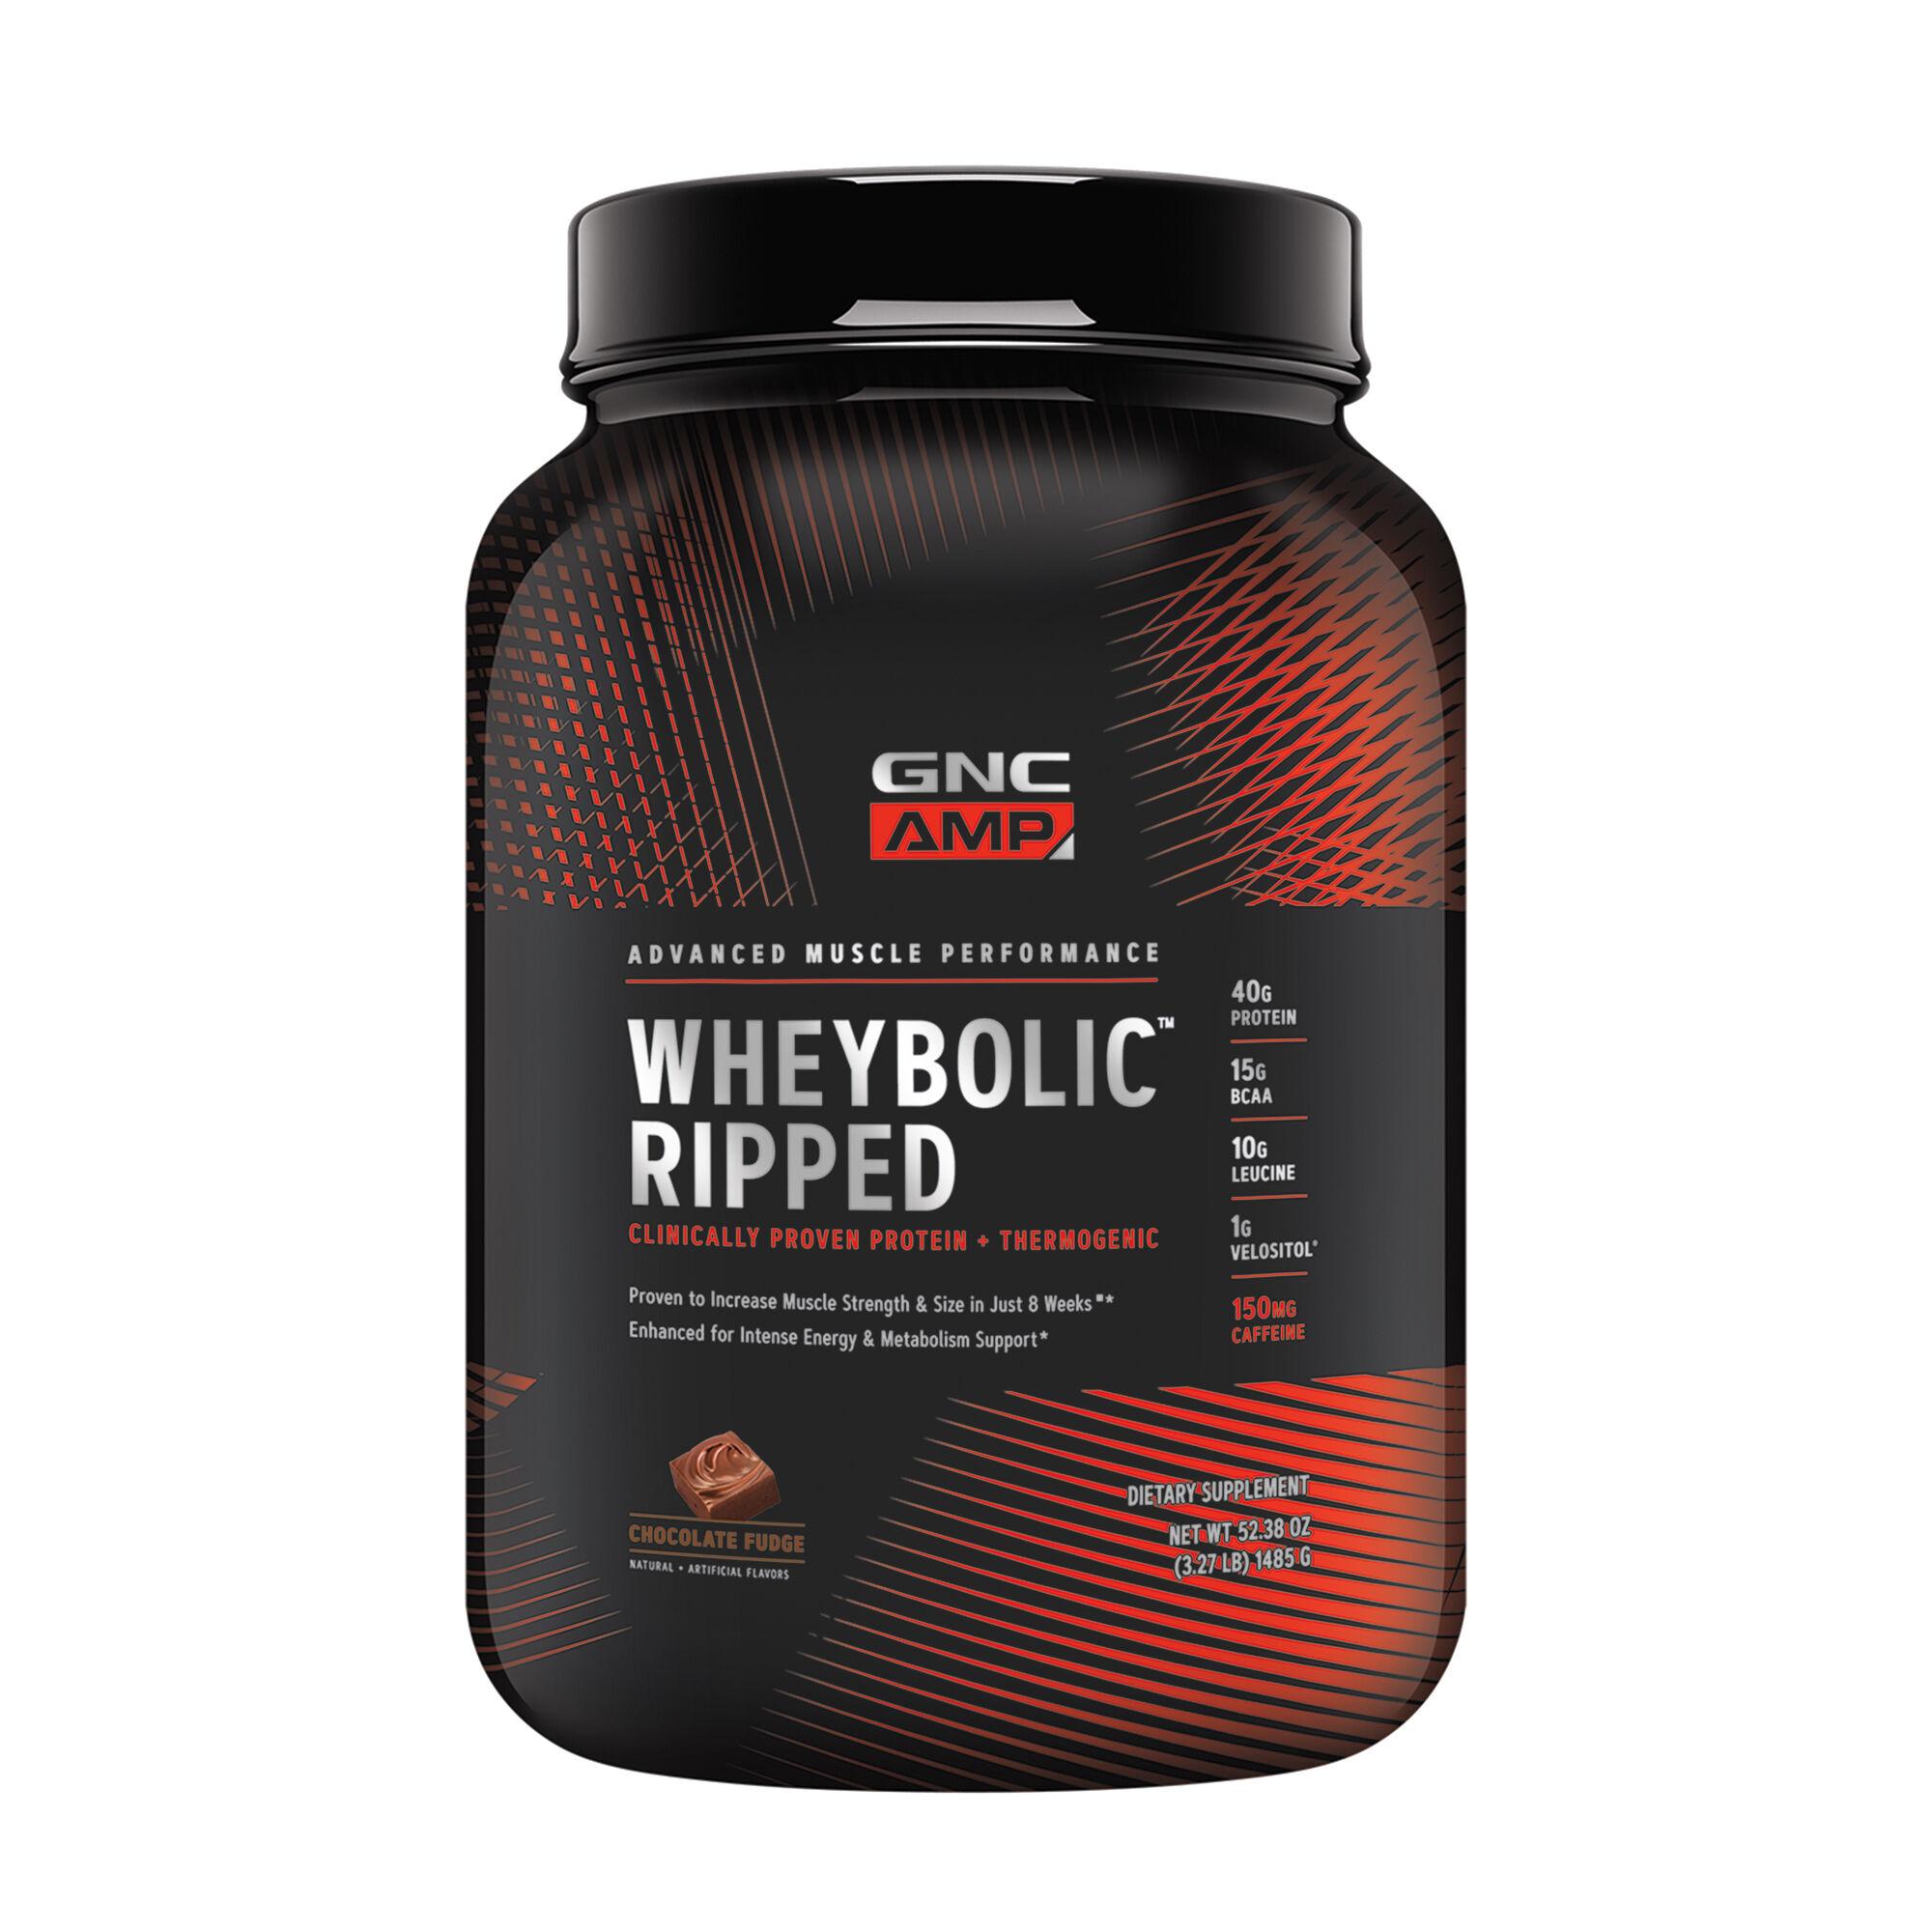 GNC AMP Wheybolic Ripped